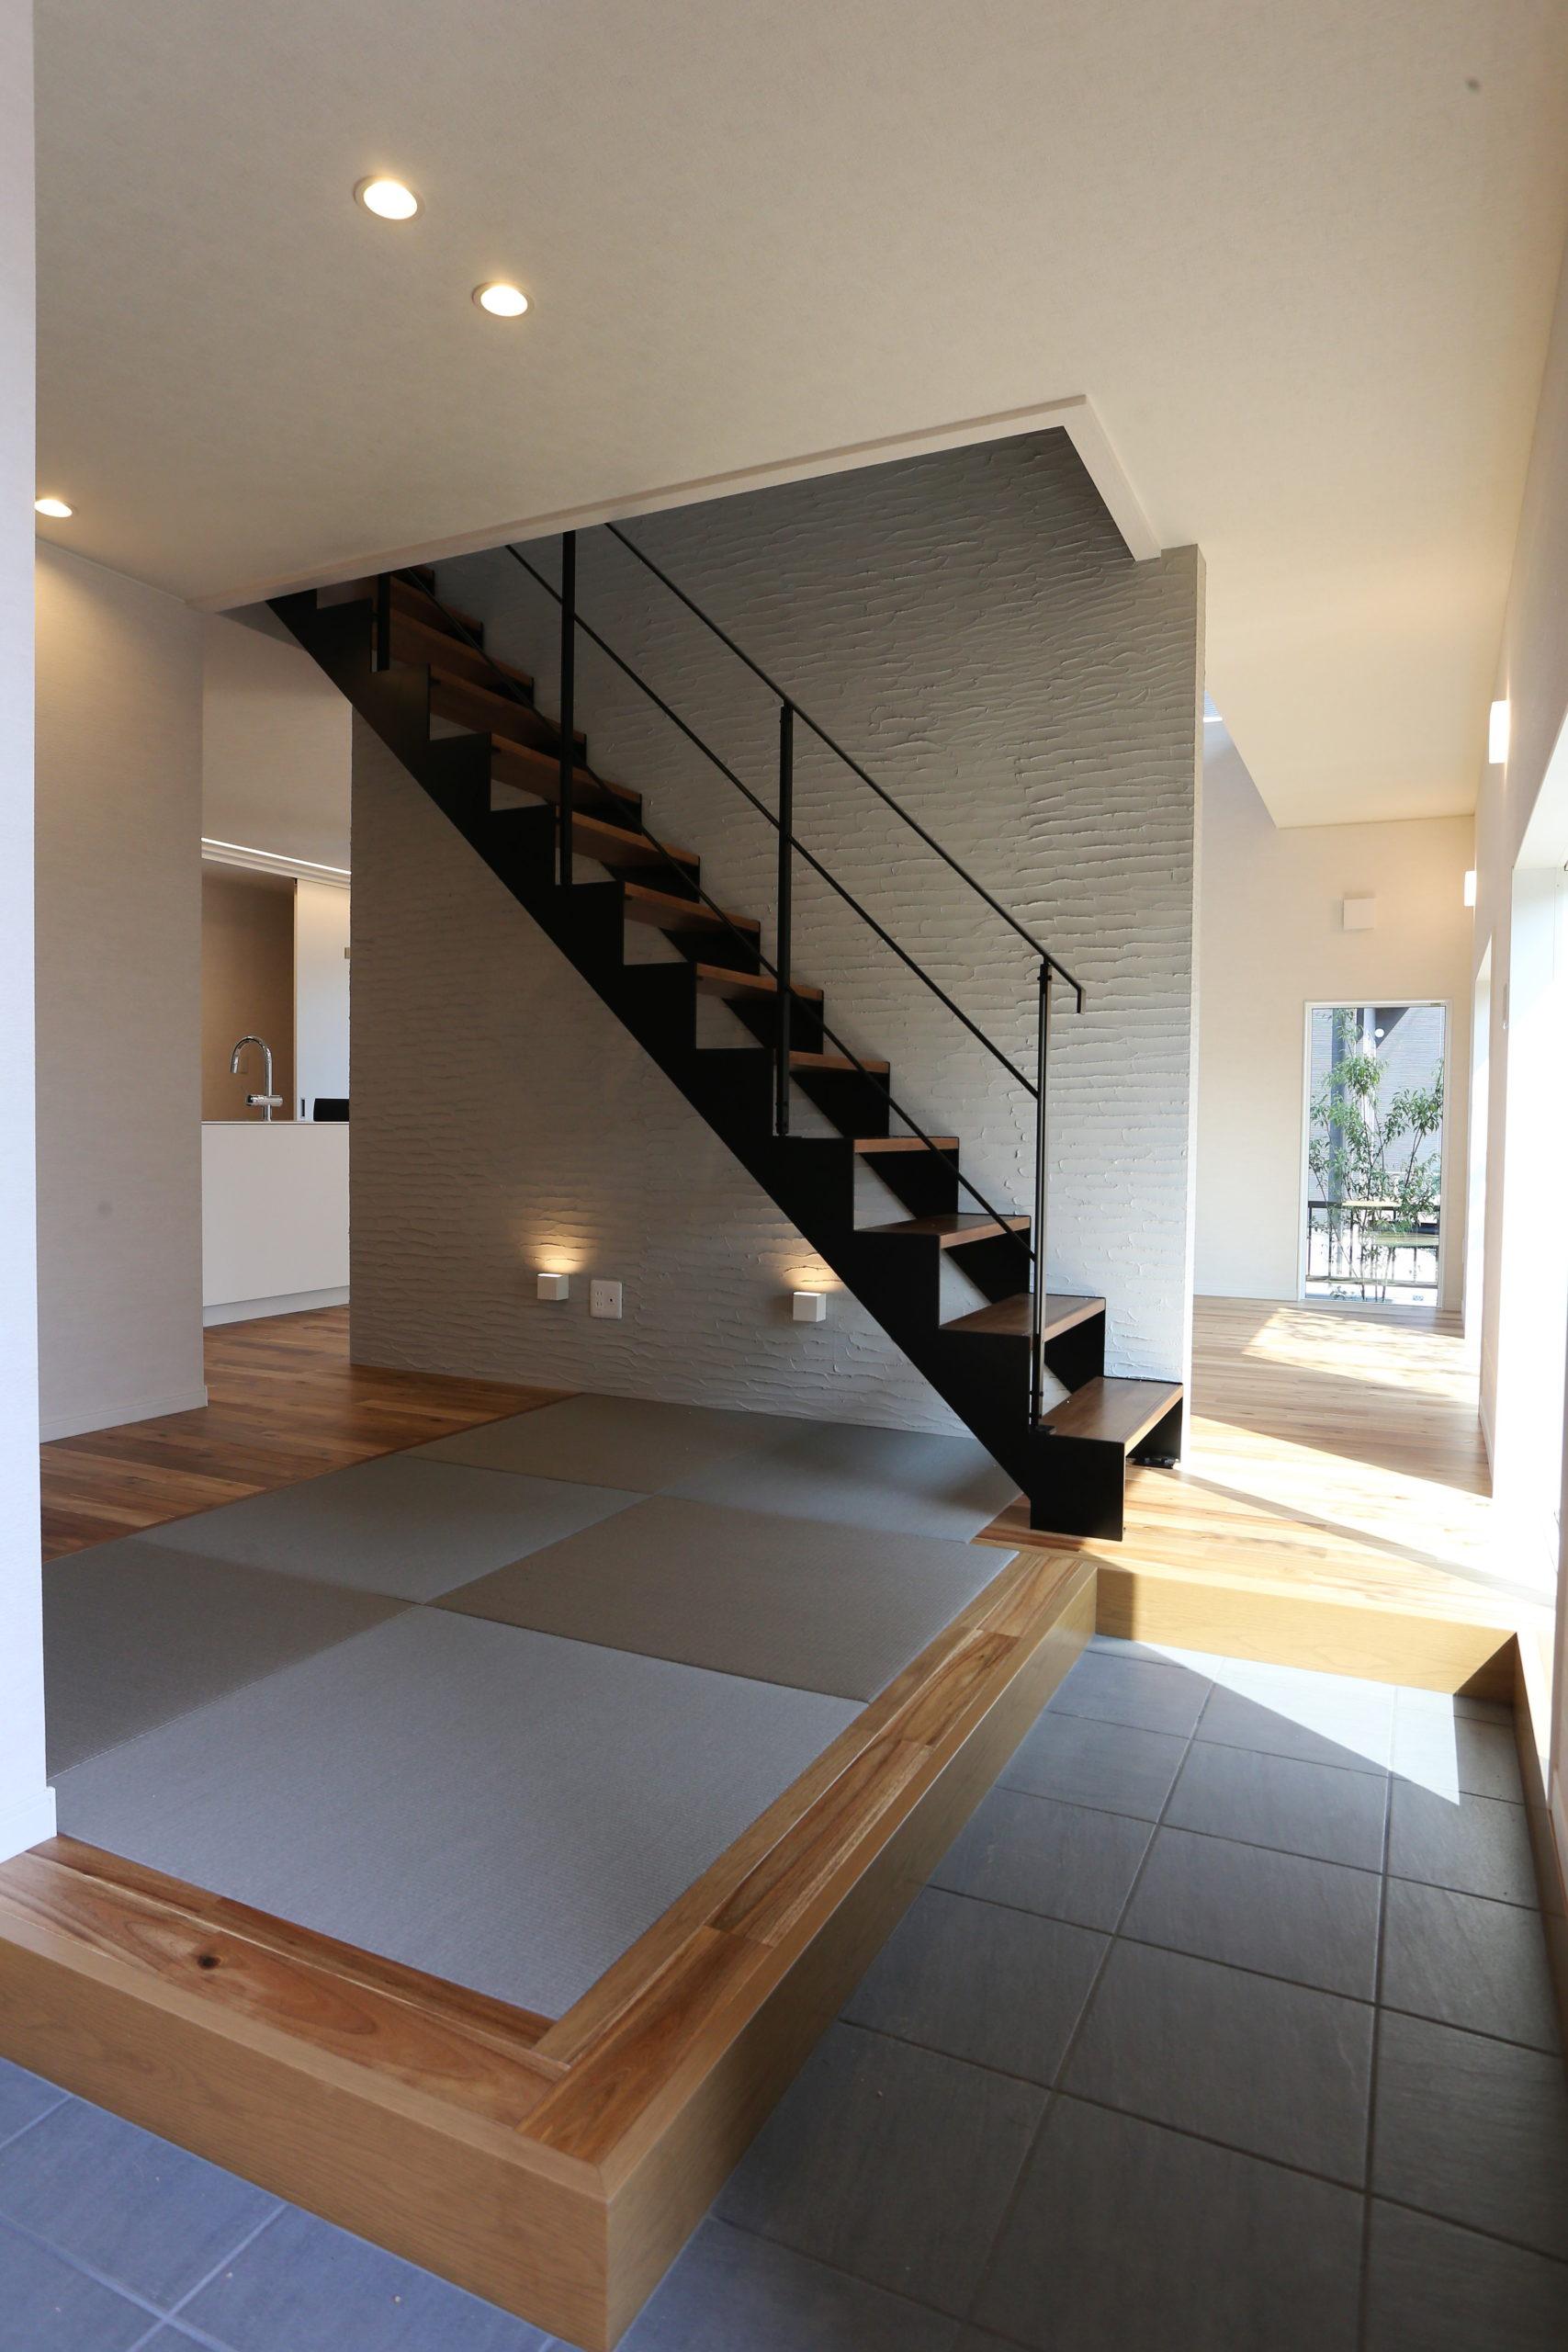 福山市の注文住宅|今井住建の施工事例ギャラリー「玄関入って畳は高級感がありますよね」